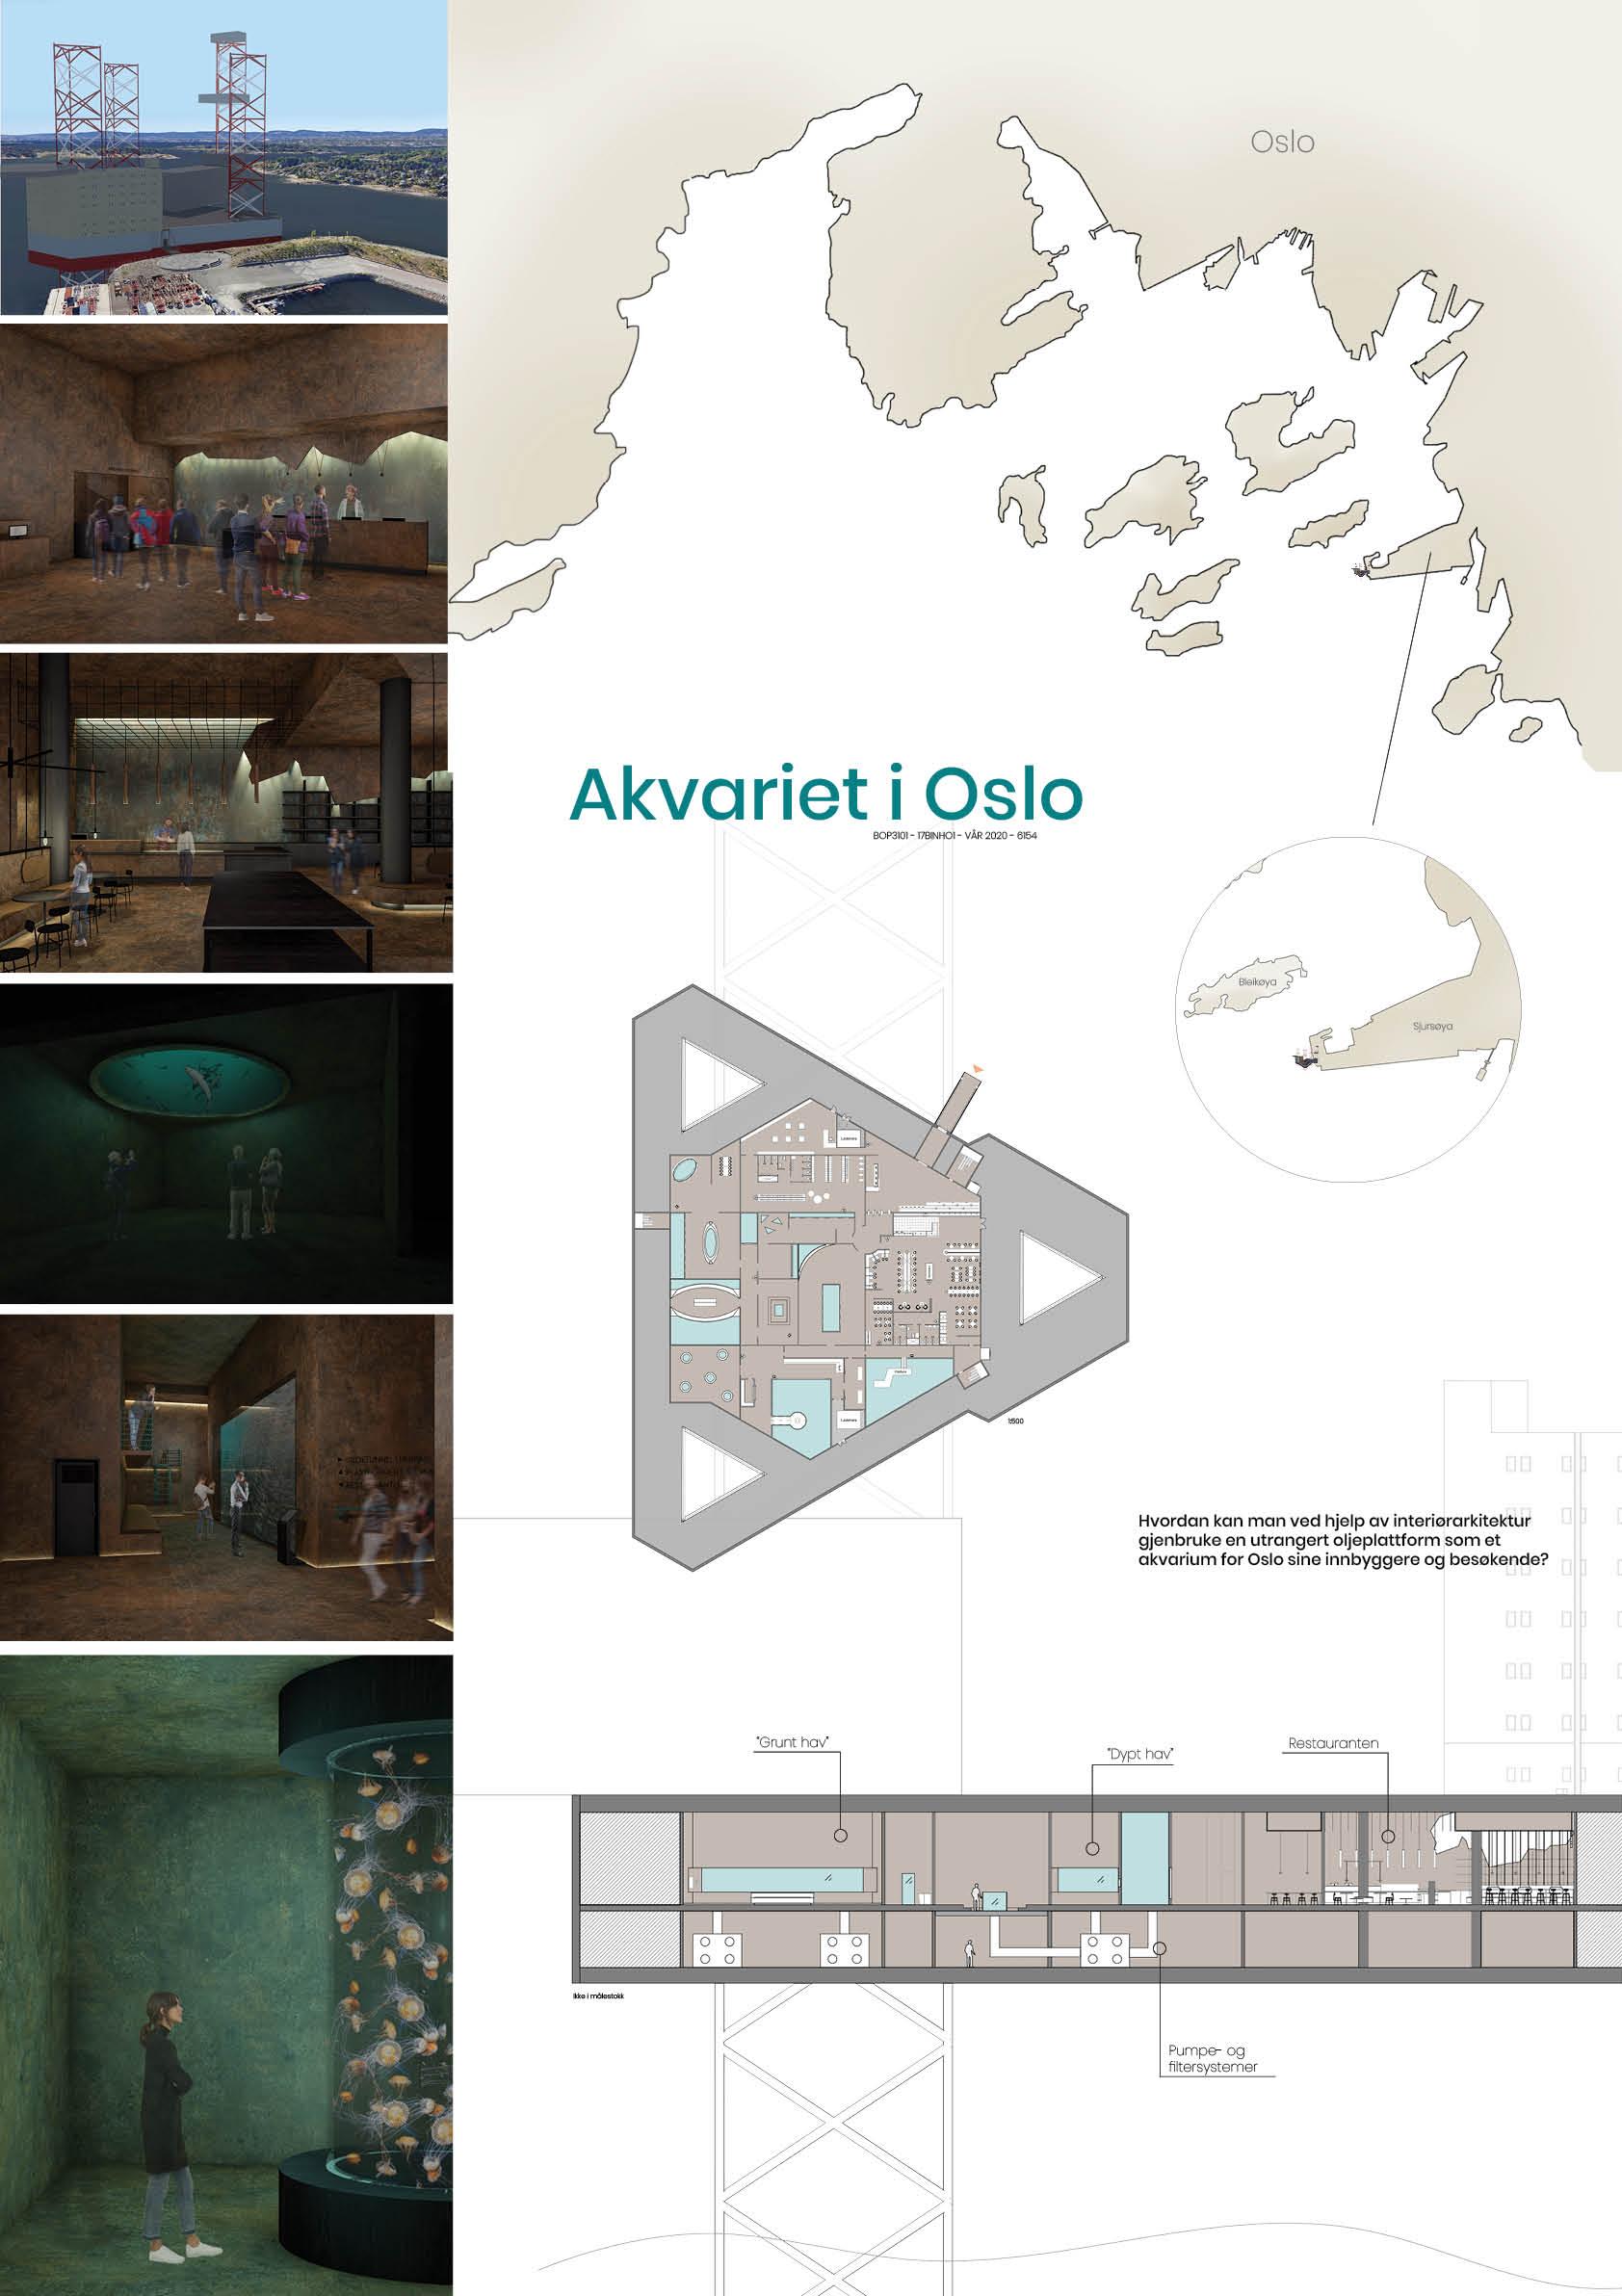 Westerdals Institutt for Kommunikasjon og Design - Akvariet i Oslo: Gjenbruk av en utrangert oljeplattform